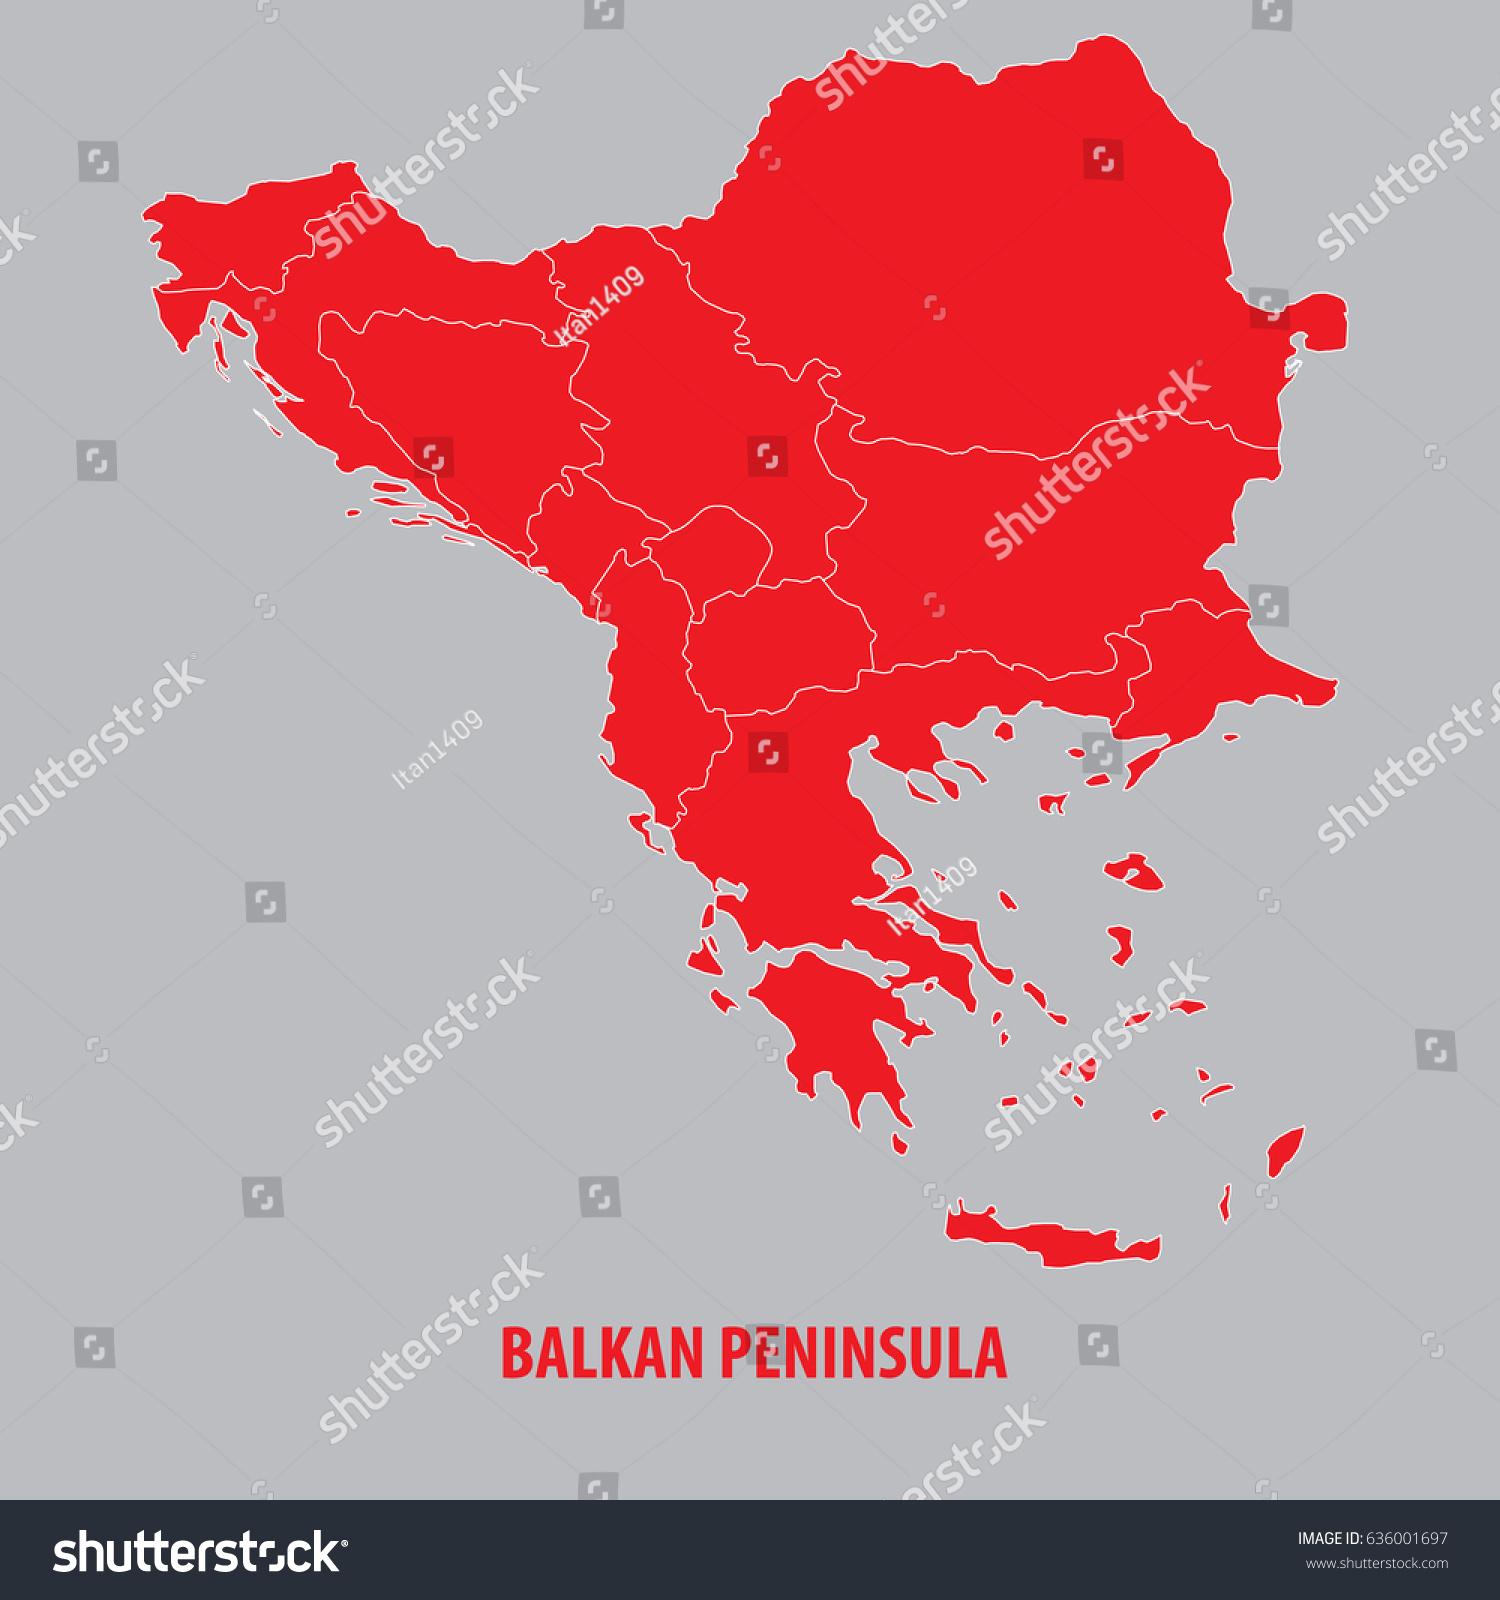 Popular 195 List balkan peninsula map